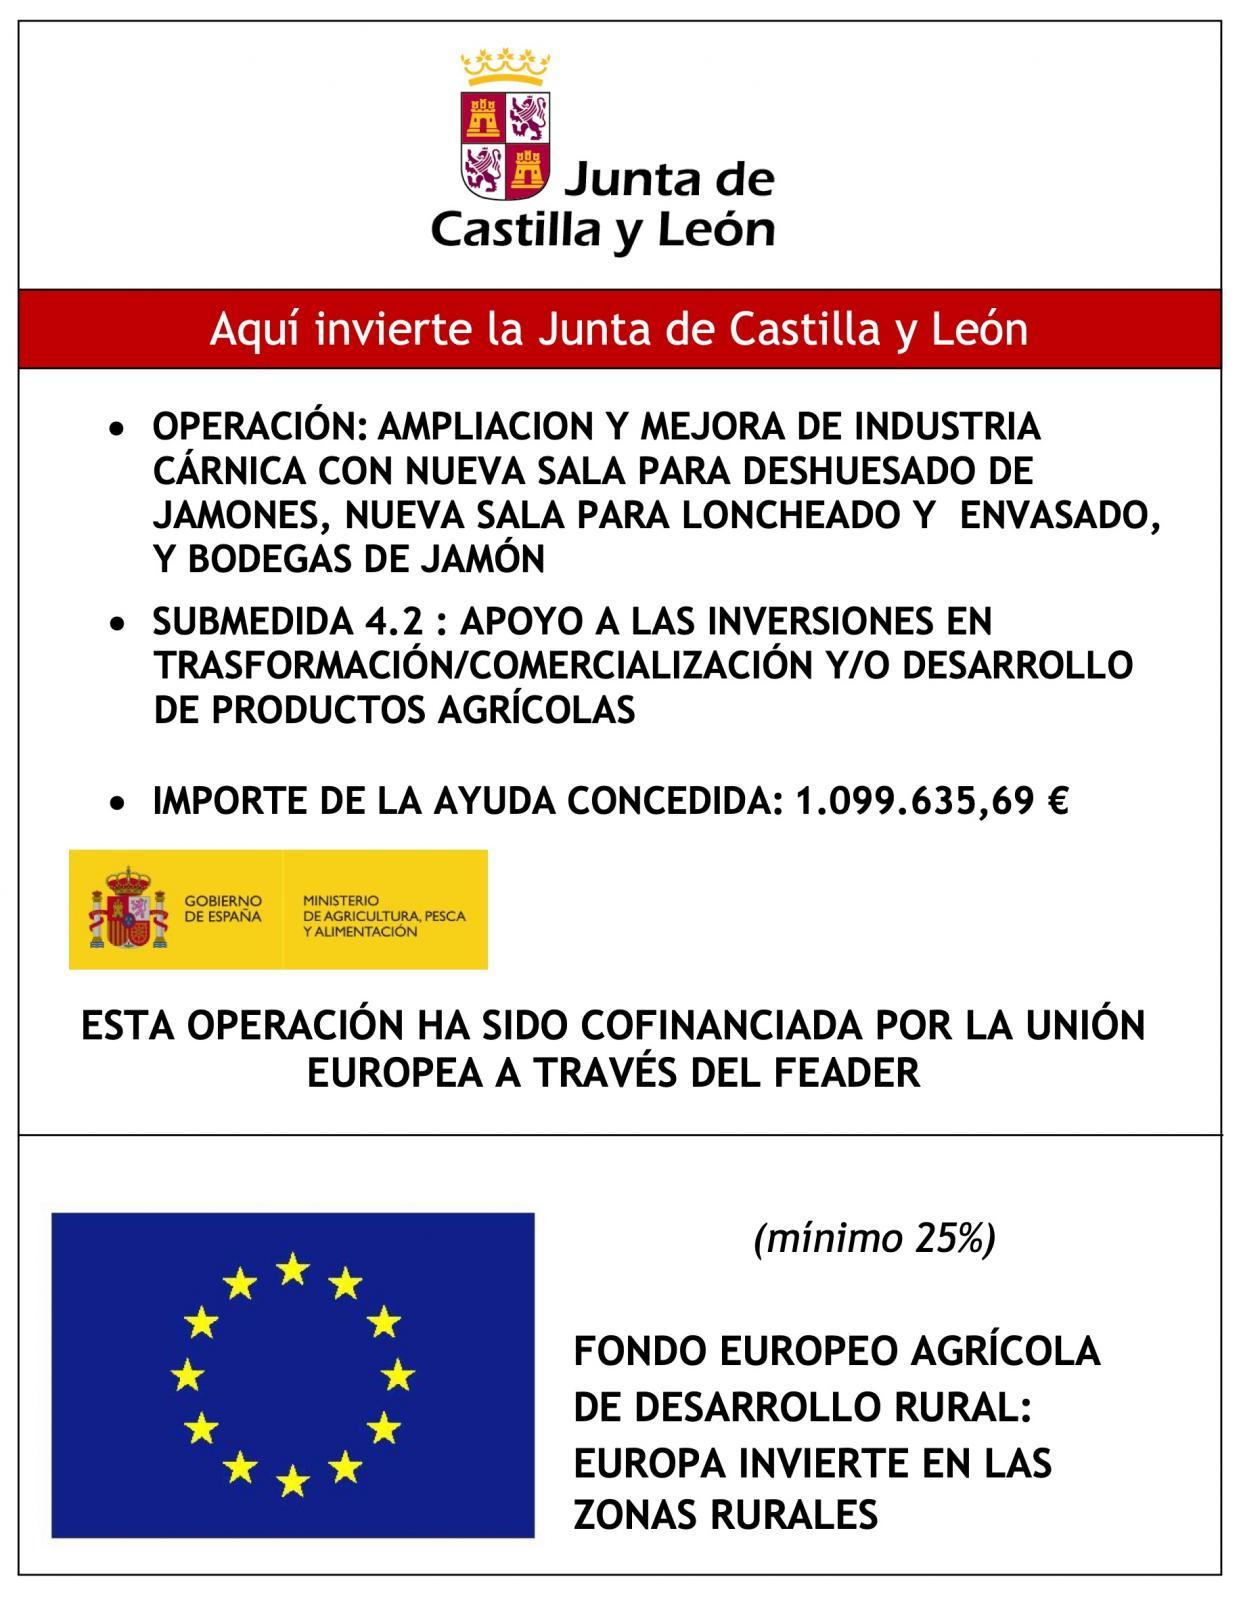 AMPLIACION Y MEJORA DE INDUSTRIA CÁRNICA CON NUEVA SALA PARA DESHUESADO DE JAMONES, NUEVA SALA PARA LONCHEADO Y ENVASADO, Y BODEGAS DE JAMÓN